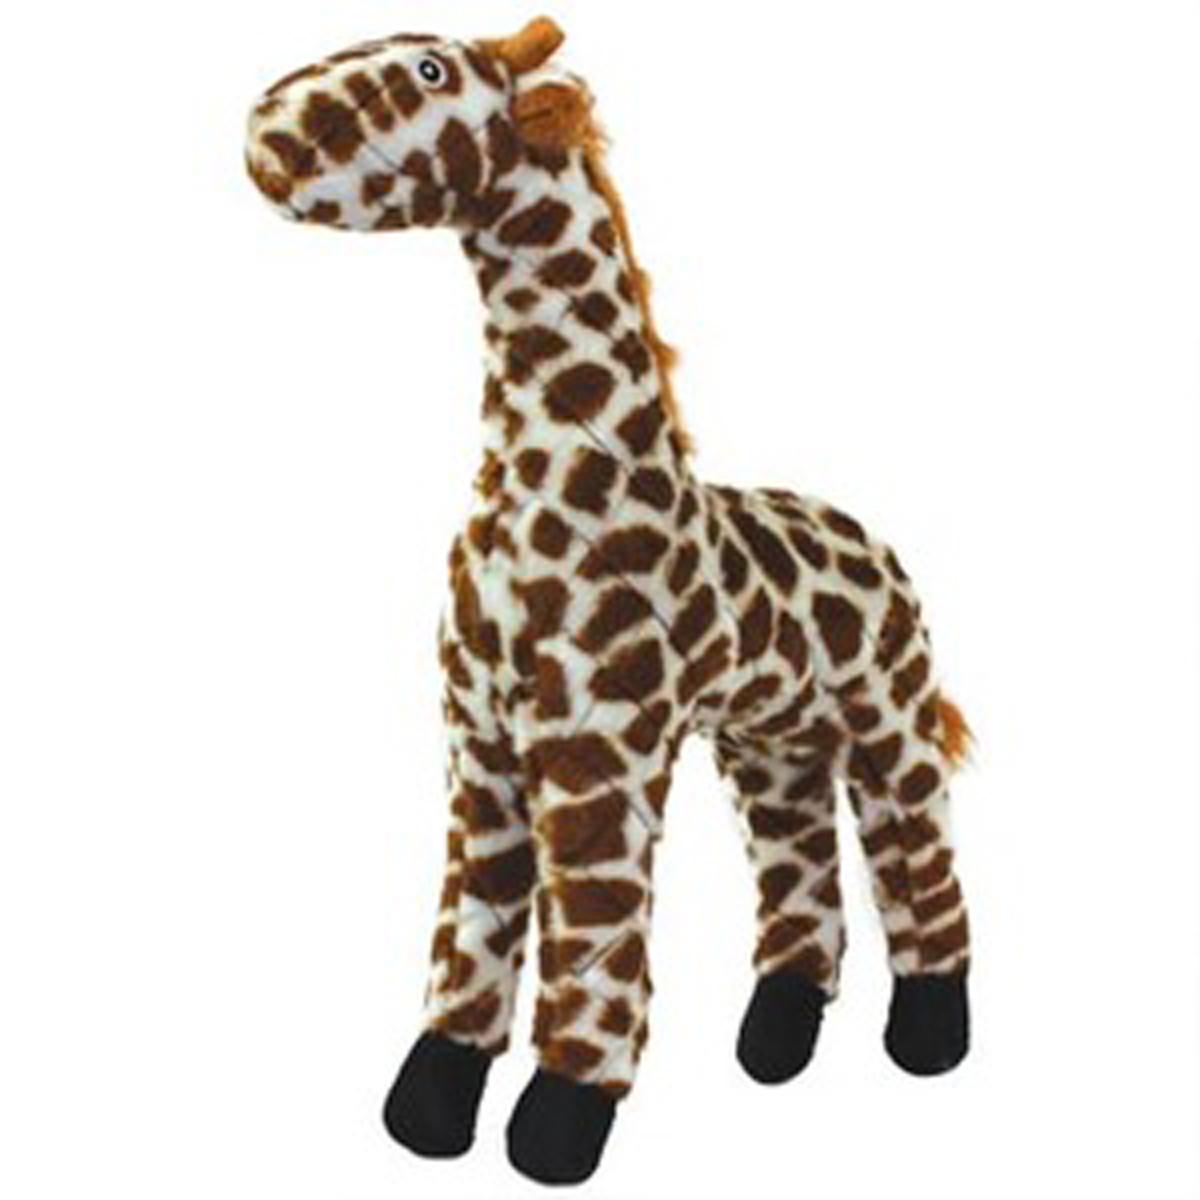 Mighty Safari Dog Toy - Gina the Brown Giraffe